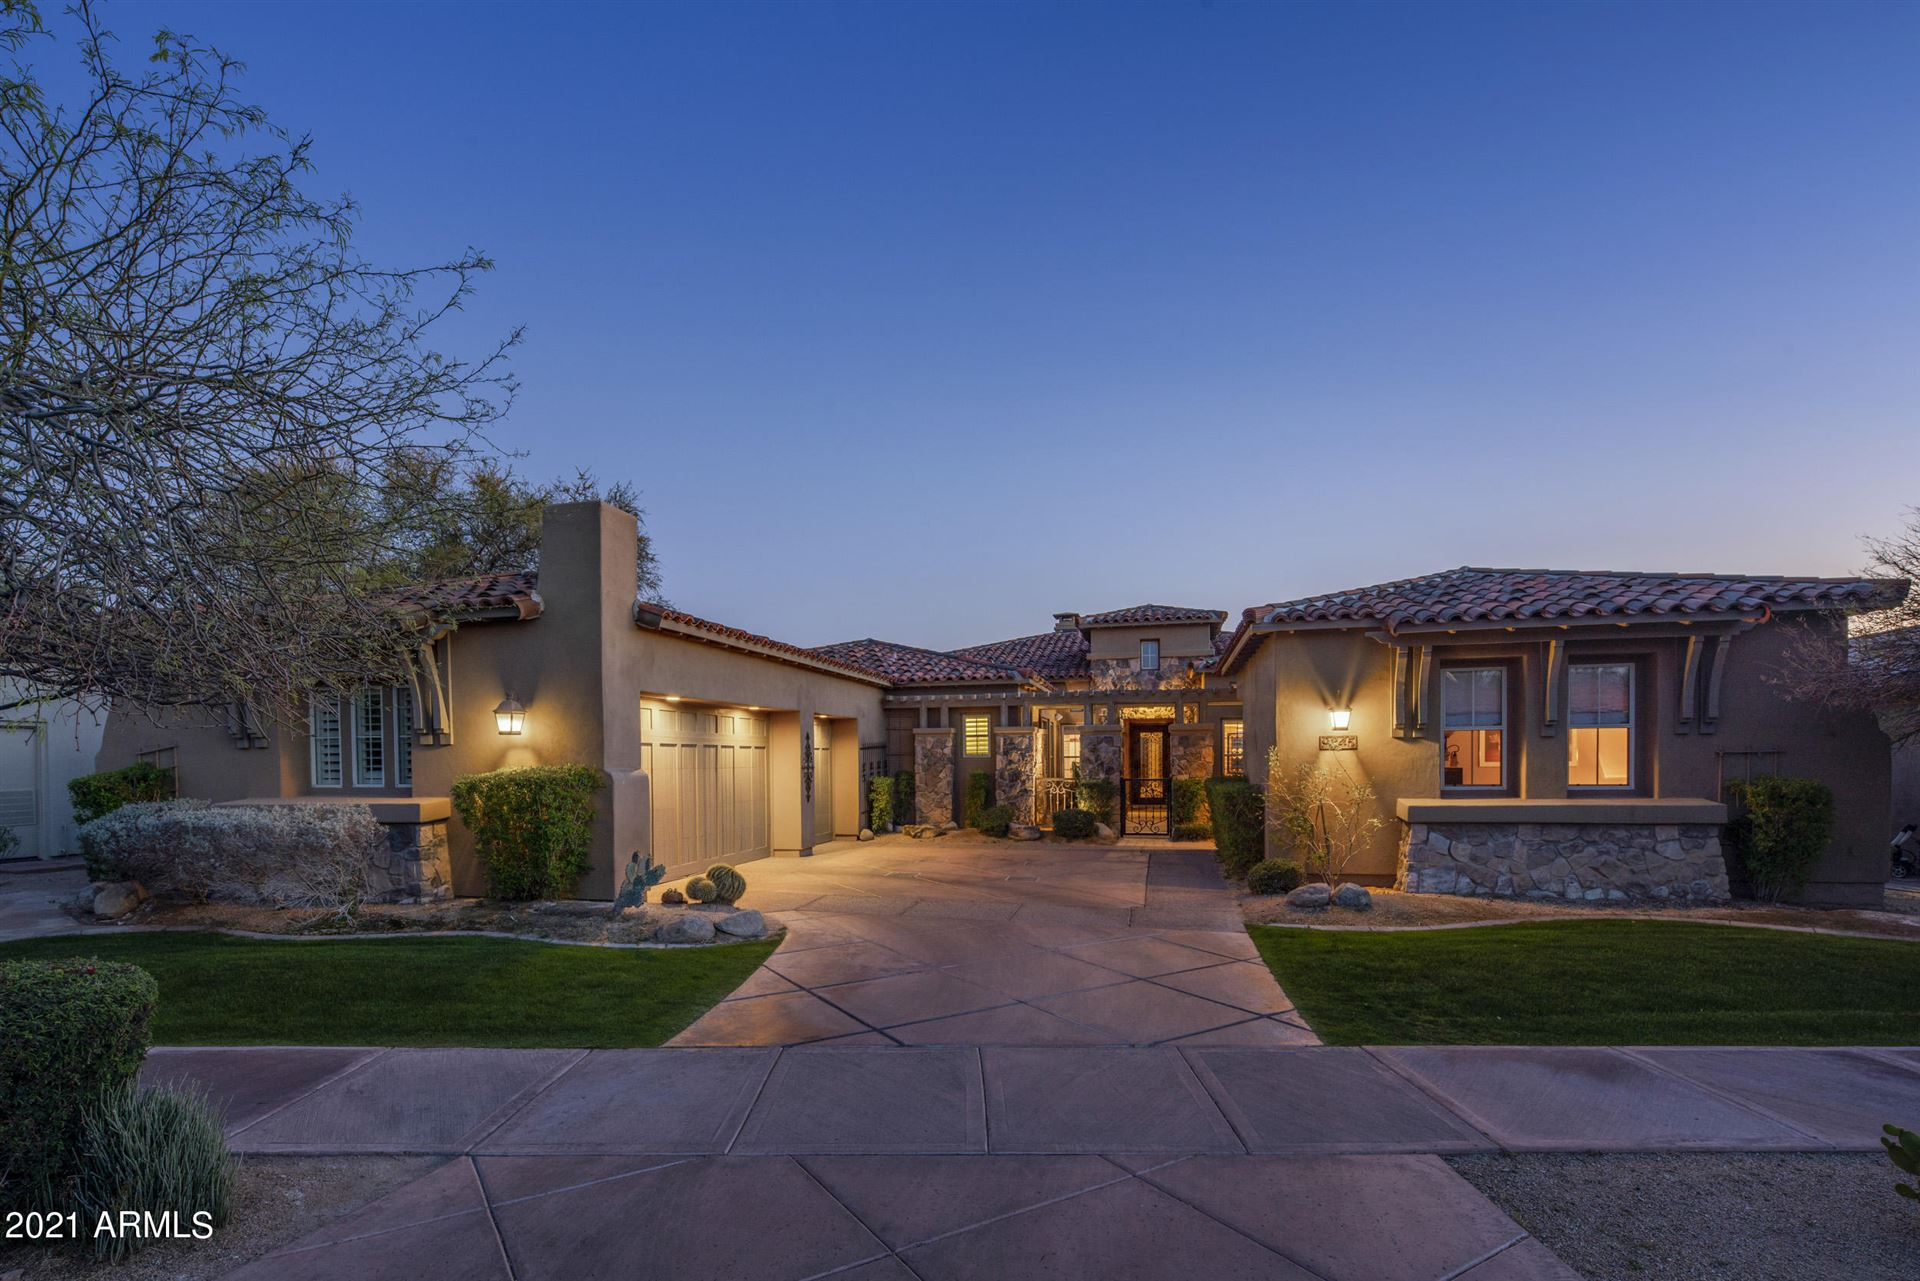 Photo of 9345 E MOUNTAIN SPRING Road, Scottsdale, AZ 85255 (MLS # 6210580)